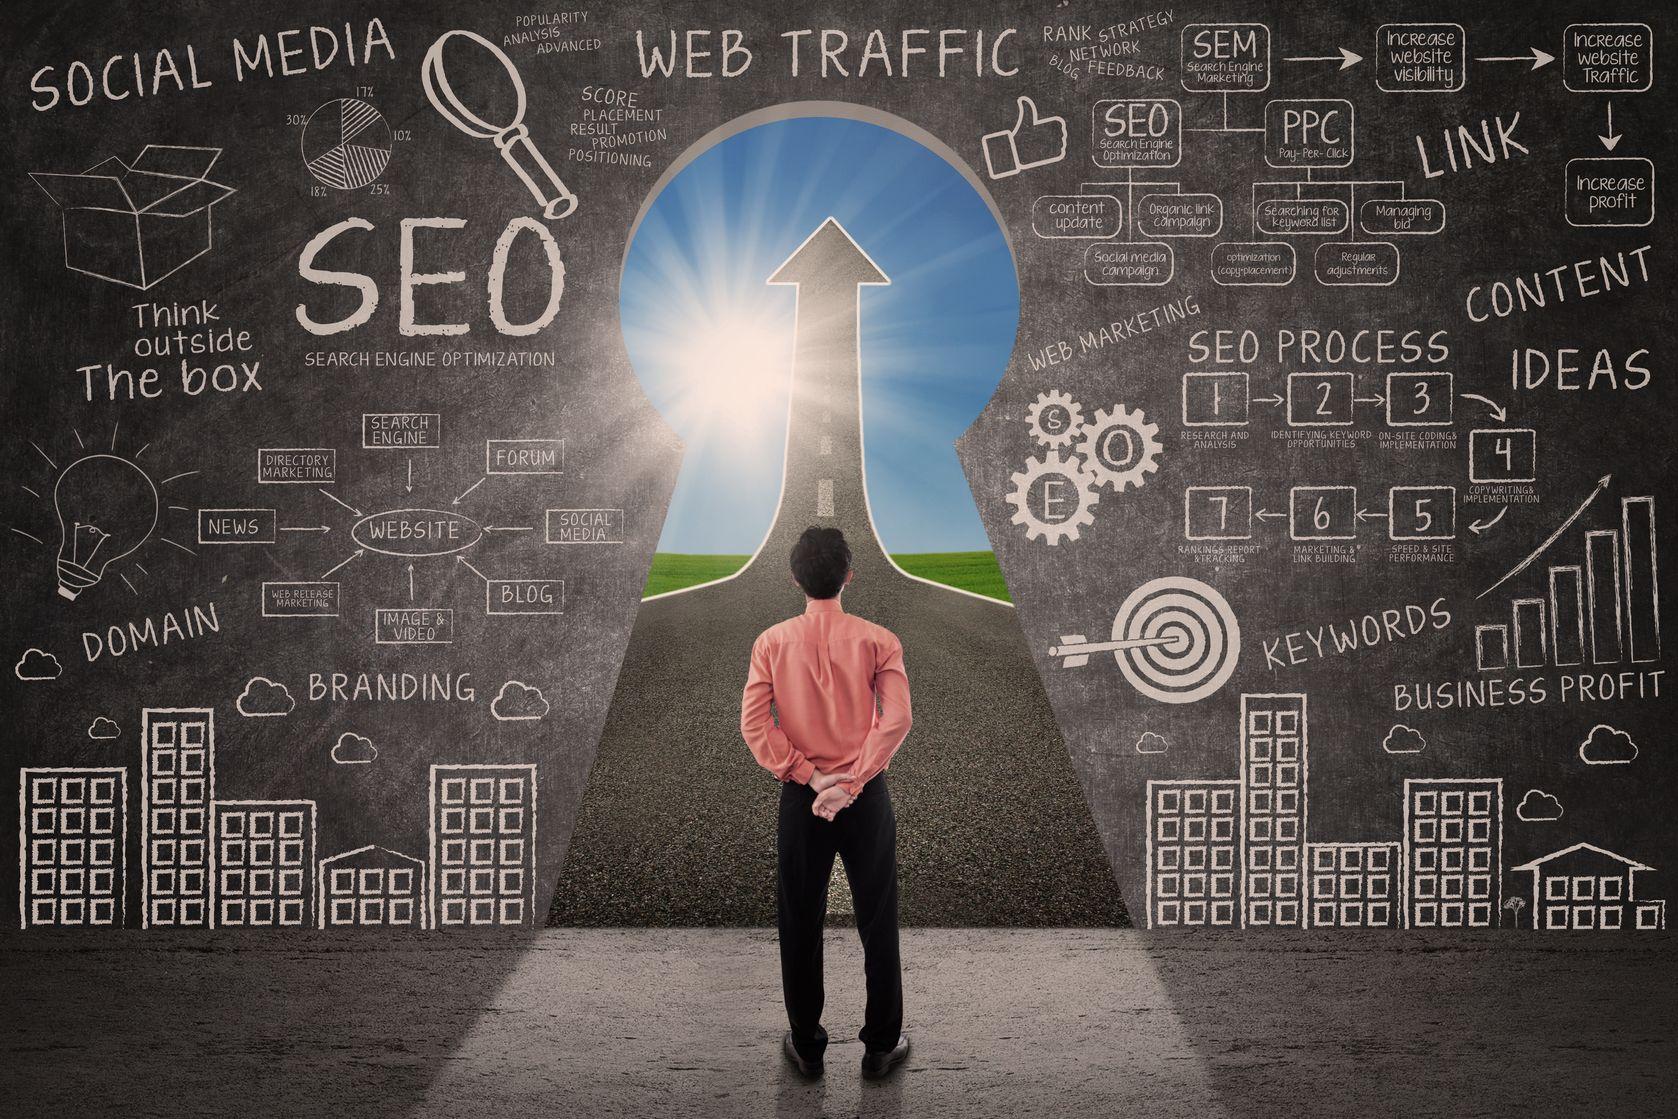 ¿Cómo realizar SEO On Page para posicionar en Google?